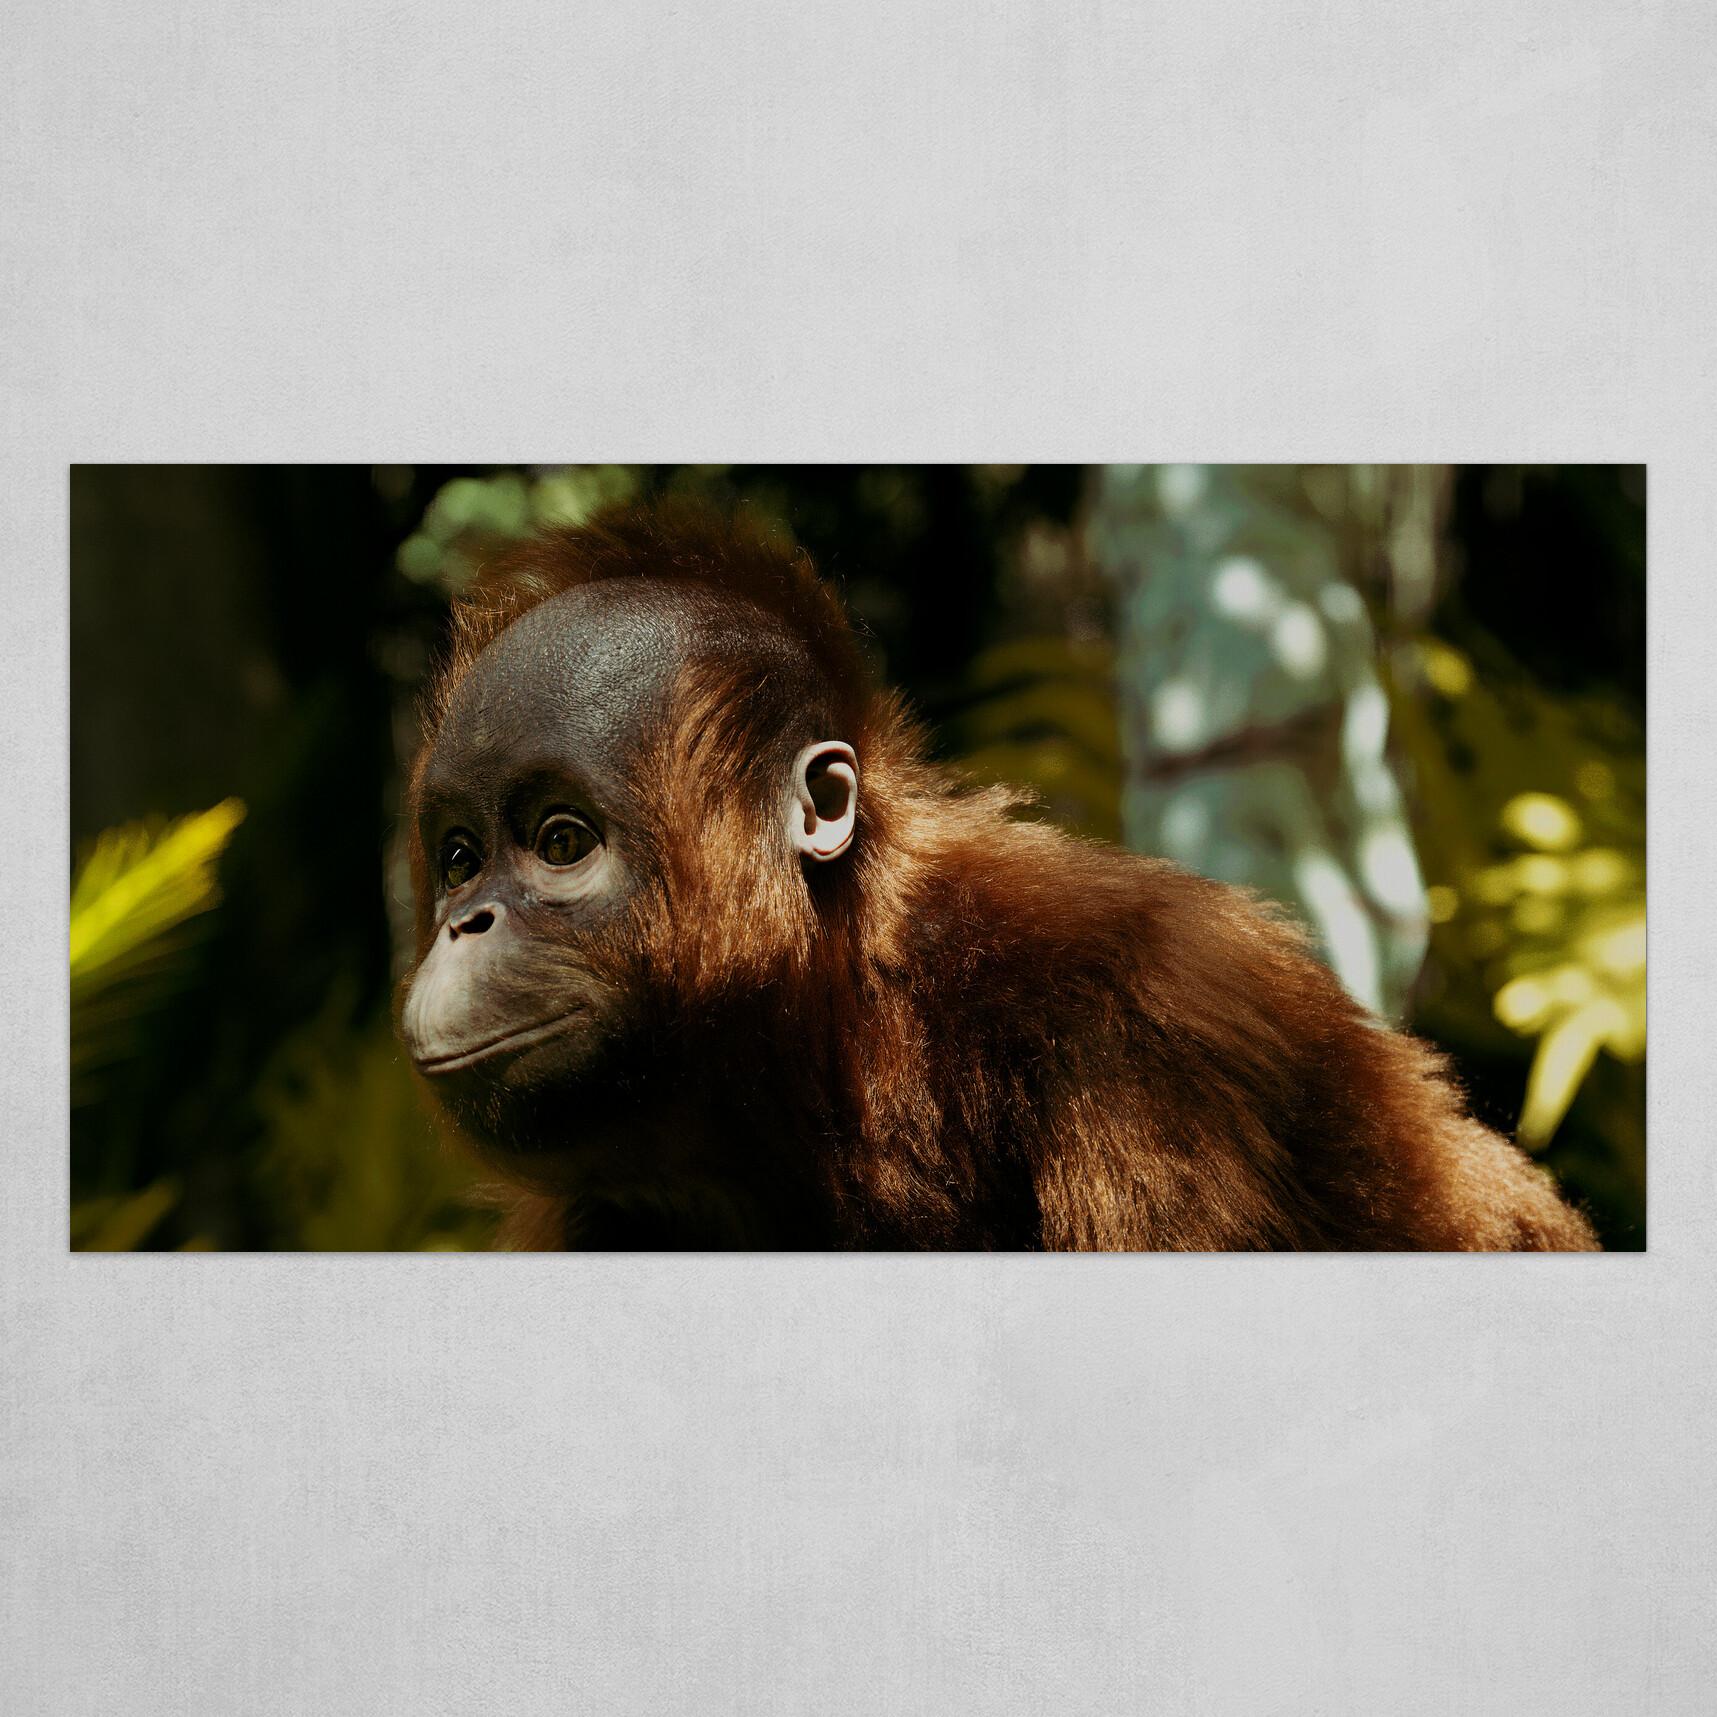 Boro- the Orangutan